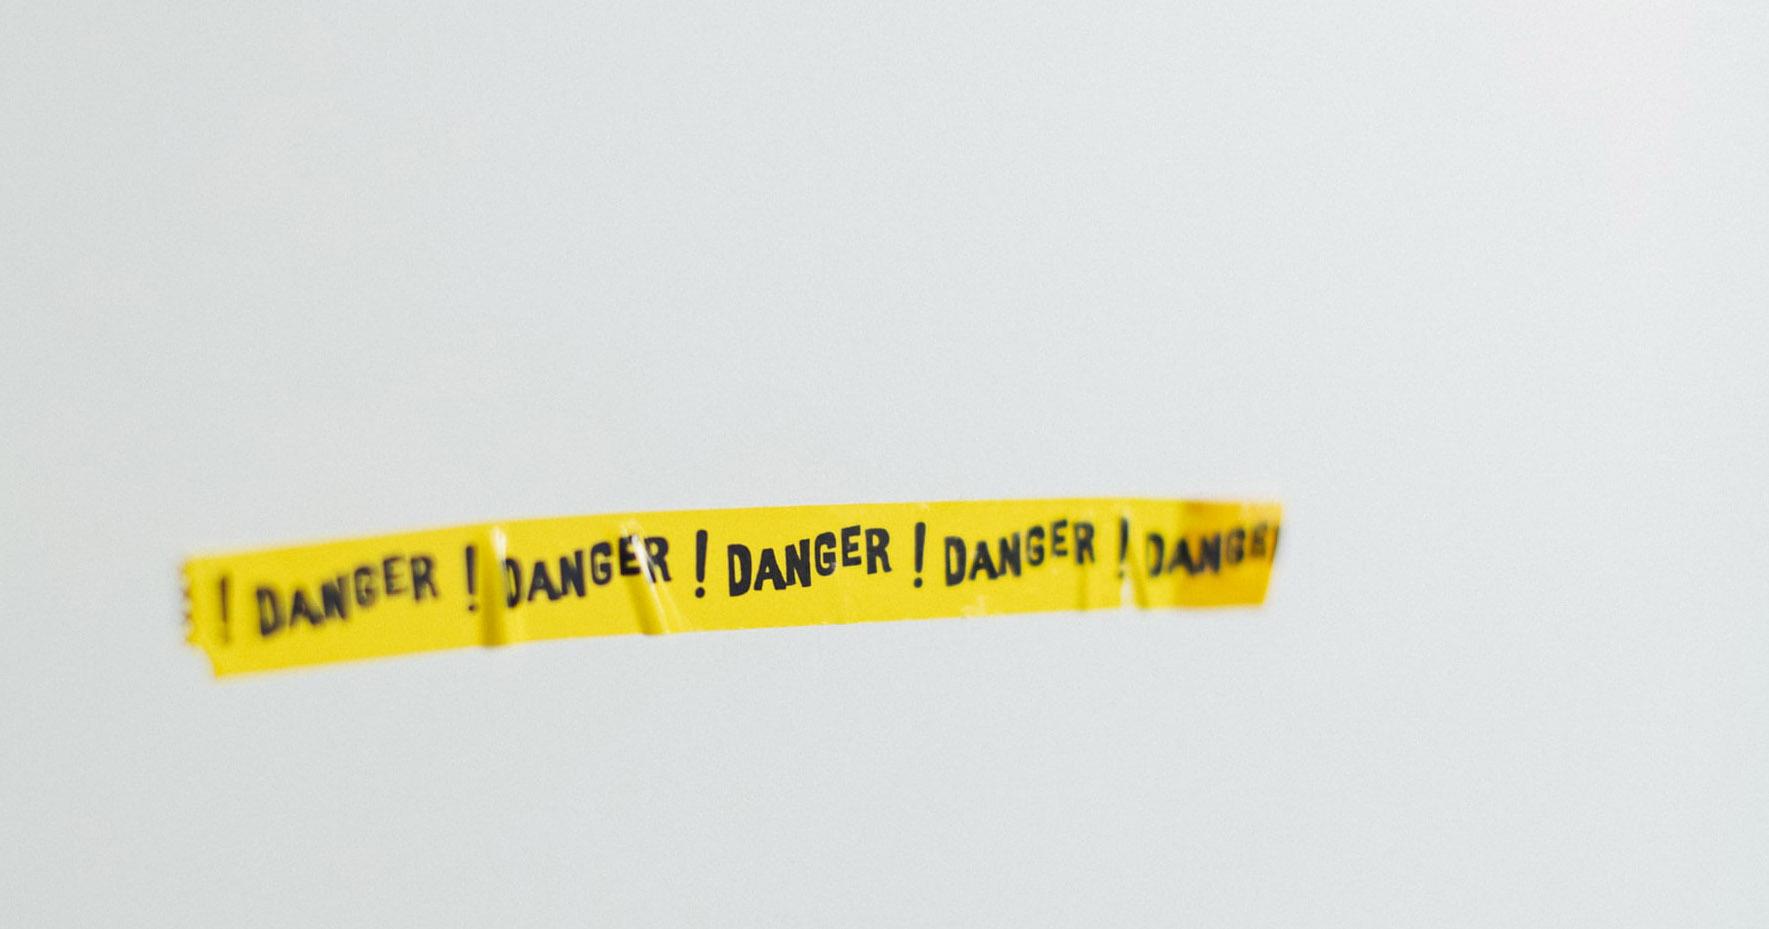 比「薪水」更重要的事! 5大職場危險訊號,你中了幾個?